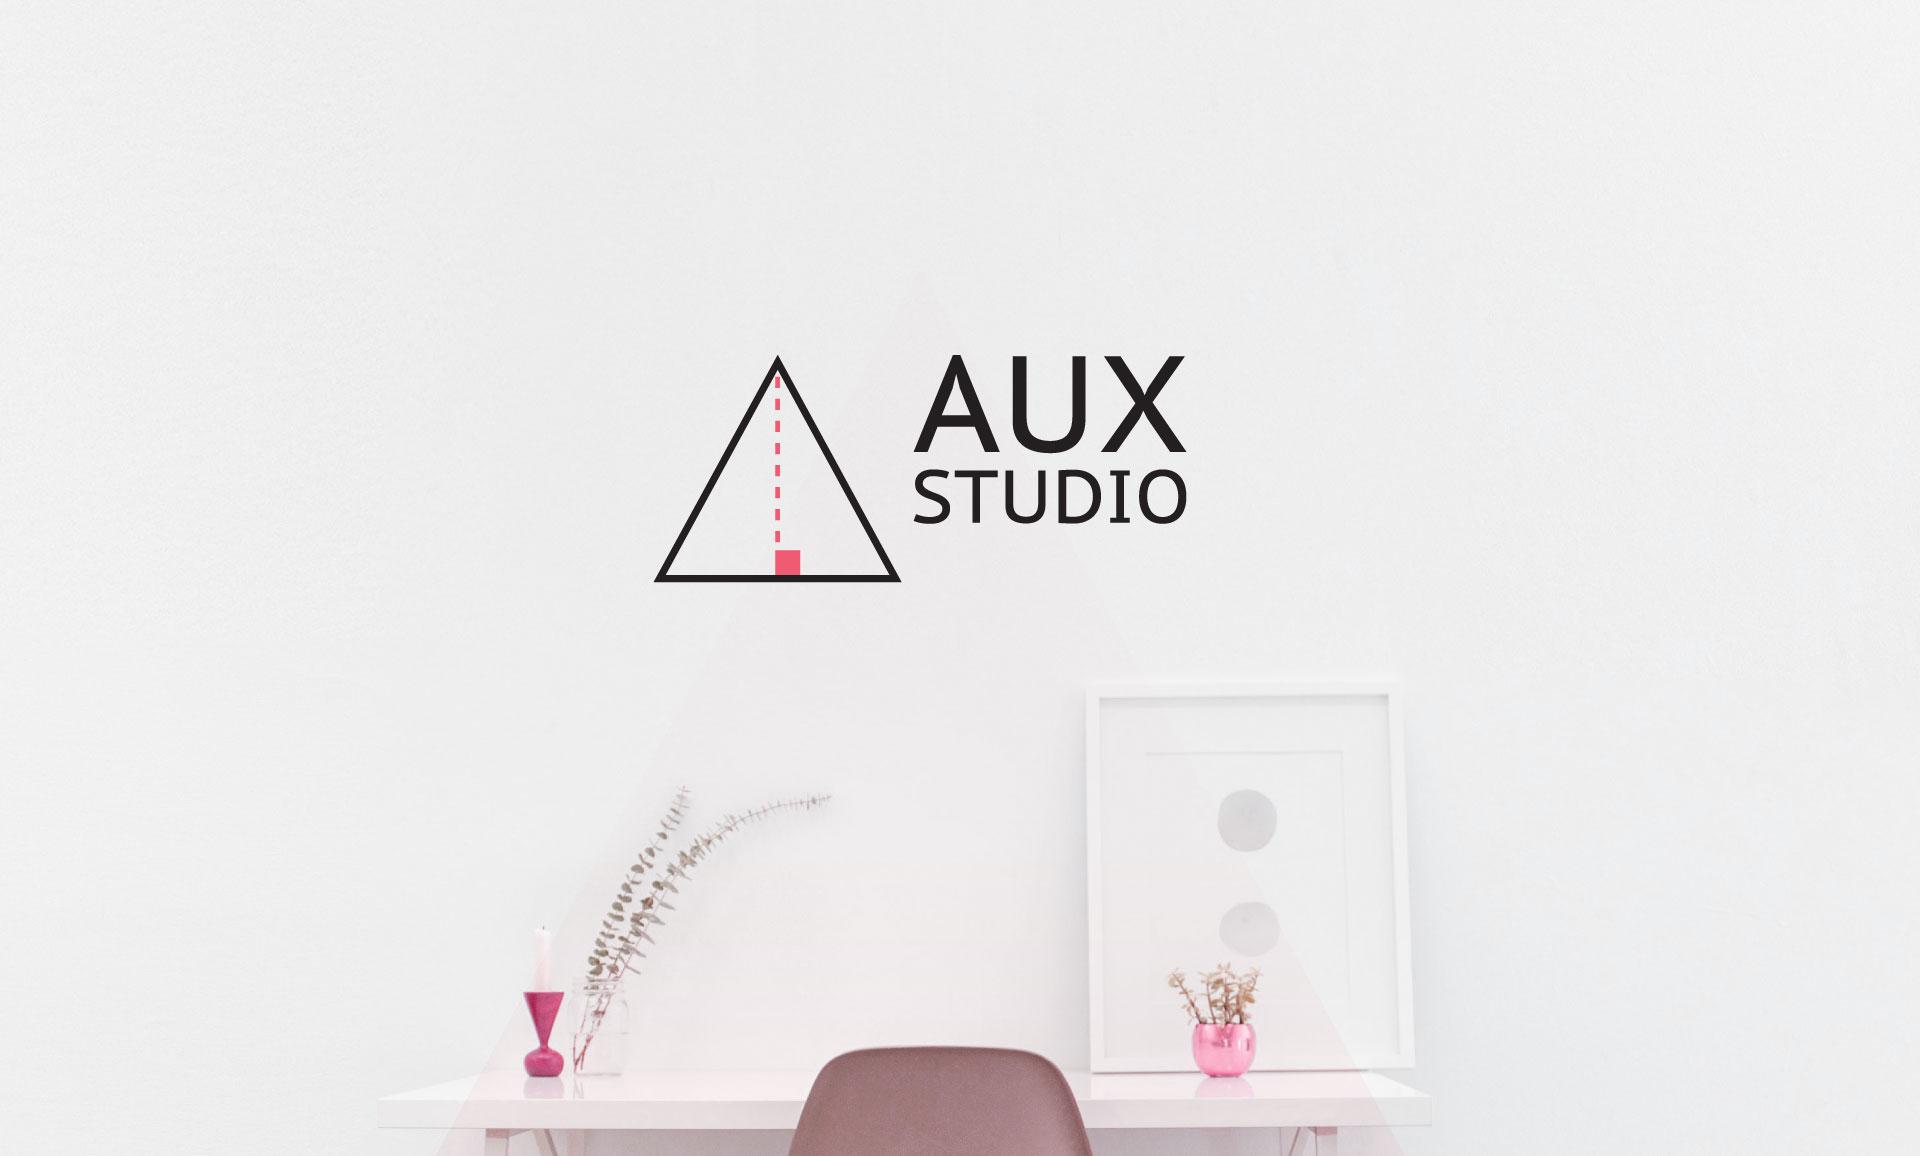 AUX Studio